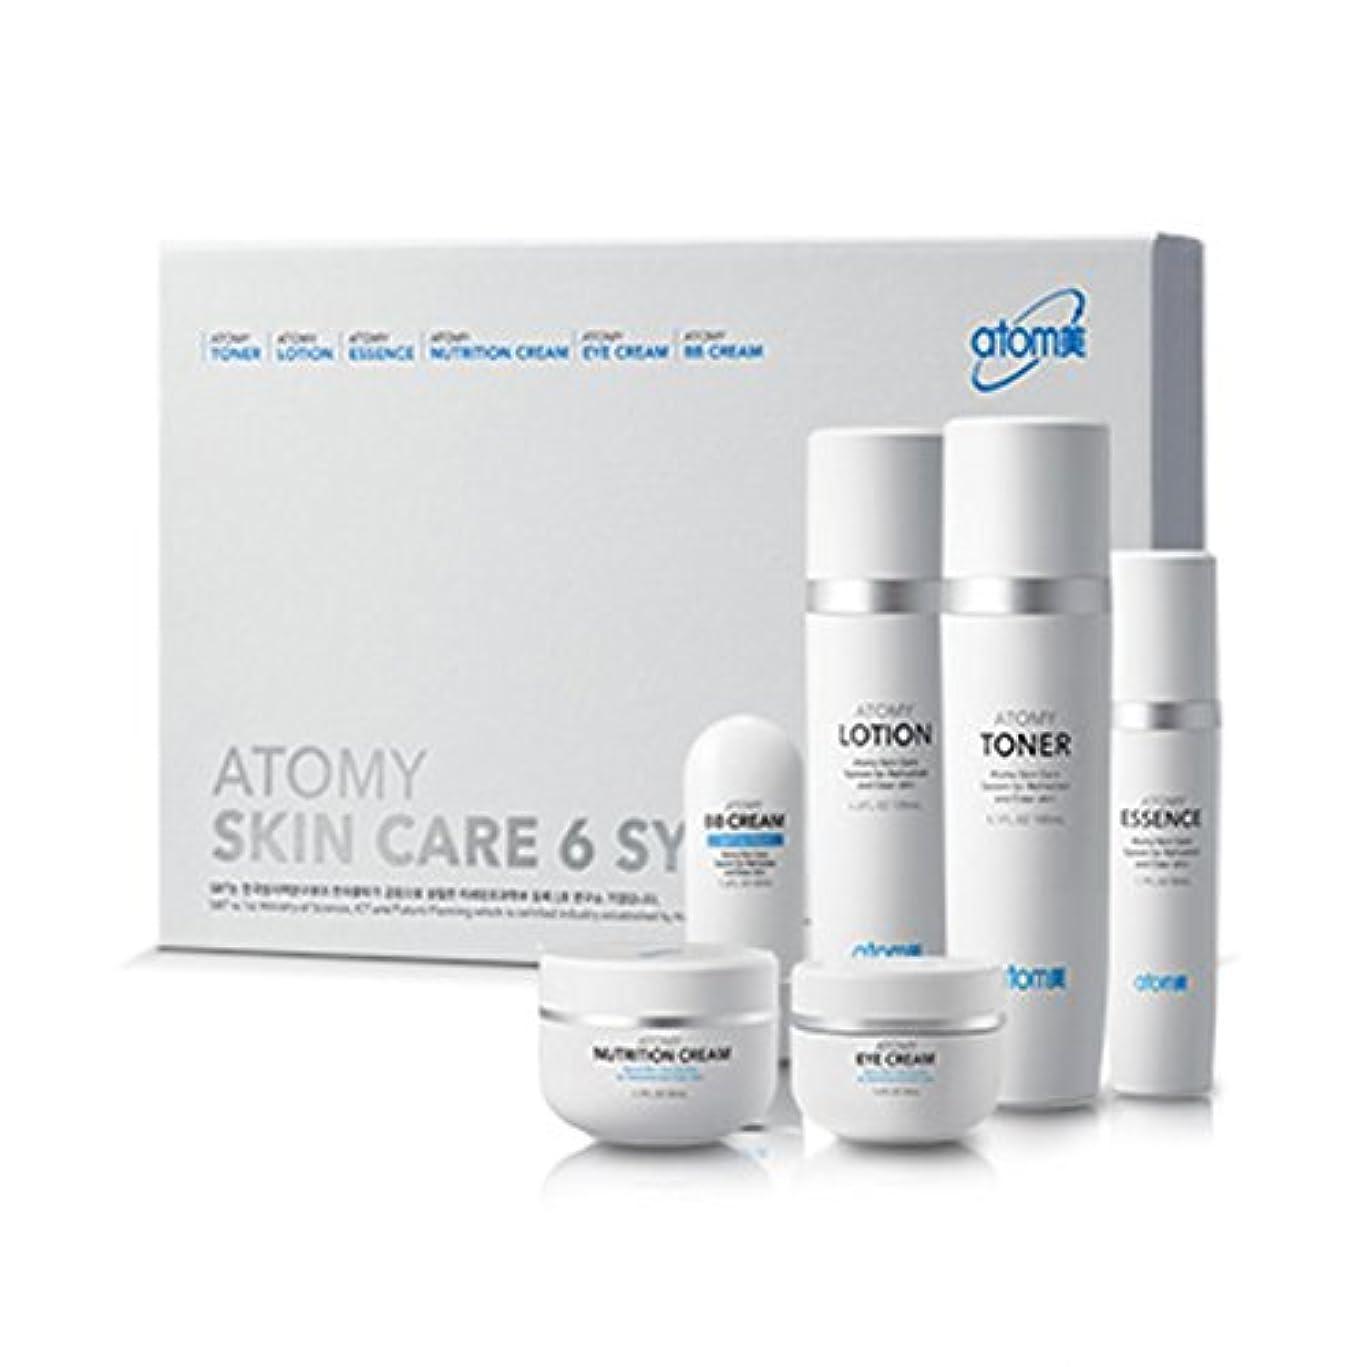 引退した魅惑的な最小[Atom美 アトミ/ Atomy] Atomi Skin Care 6 System/スキンケア6システム+[Sample Gift](海外直送品)